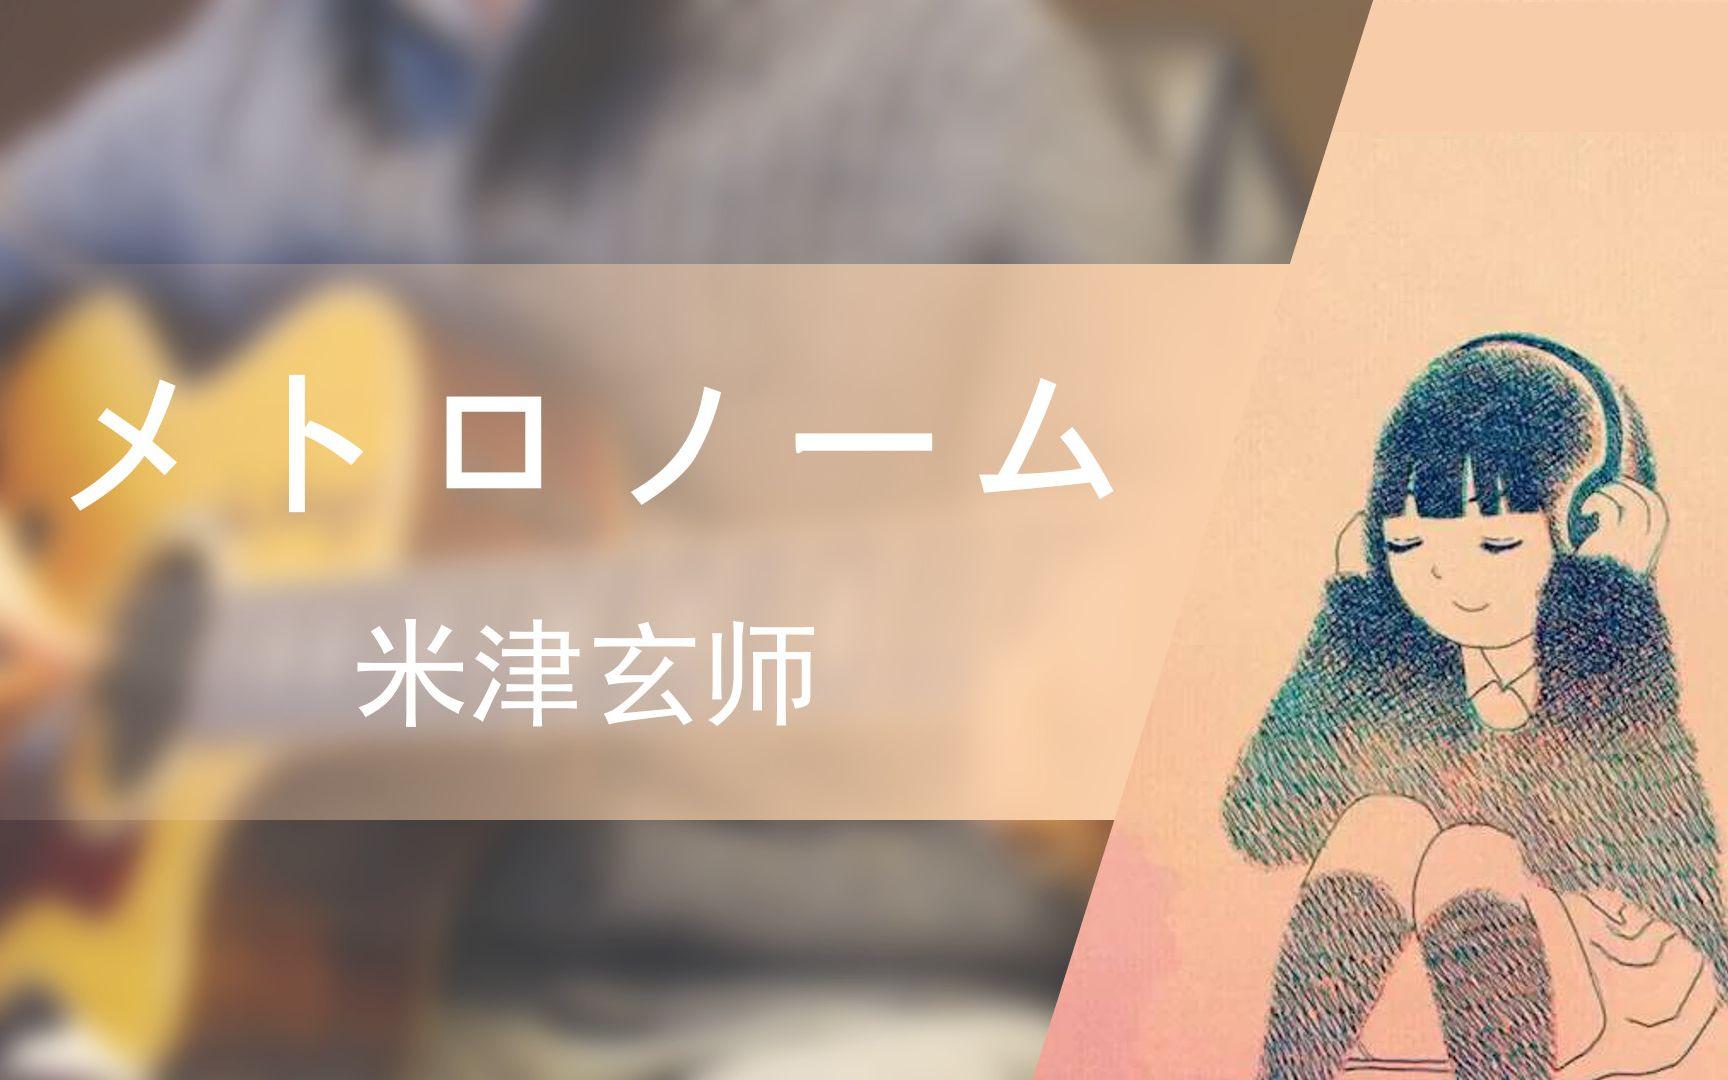 【指弹吉他 | 有谱】米津玄师 - メトロノーム Metronome 节拍器